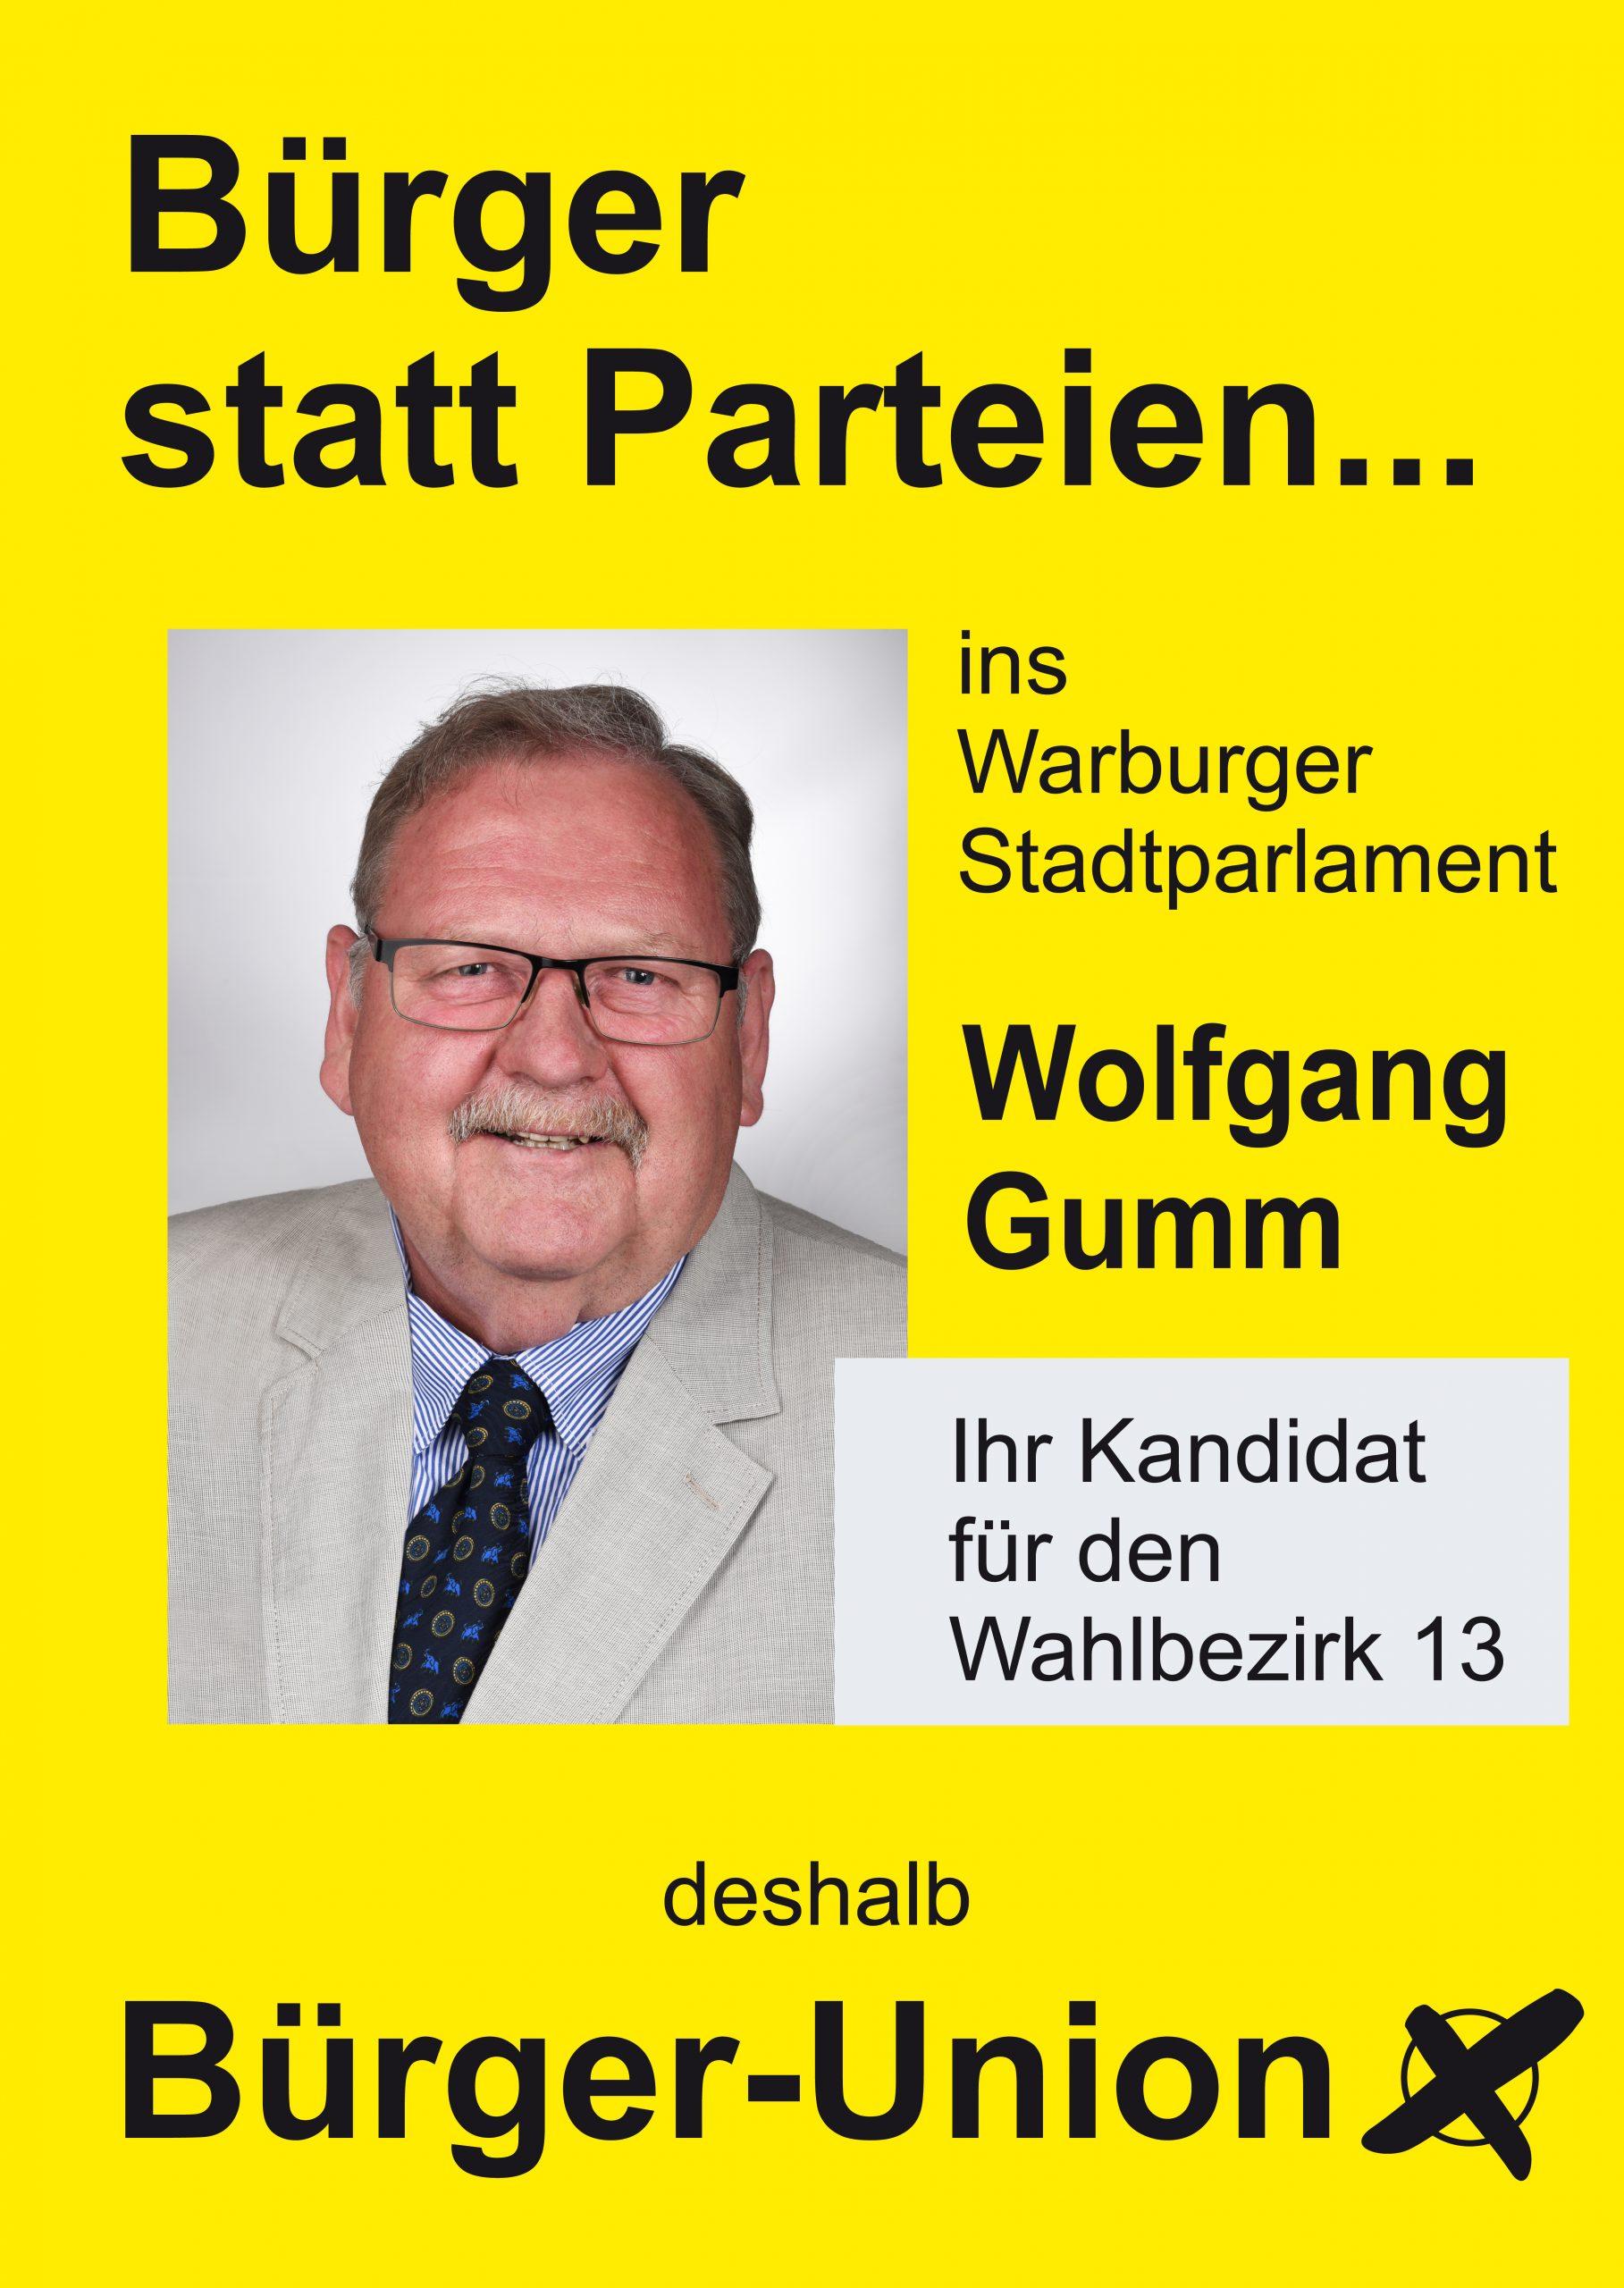 Wolfgang Gumm für Warburg Wahlbezirk 13